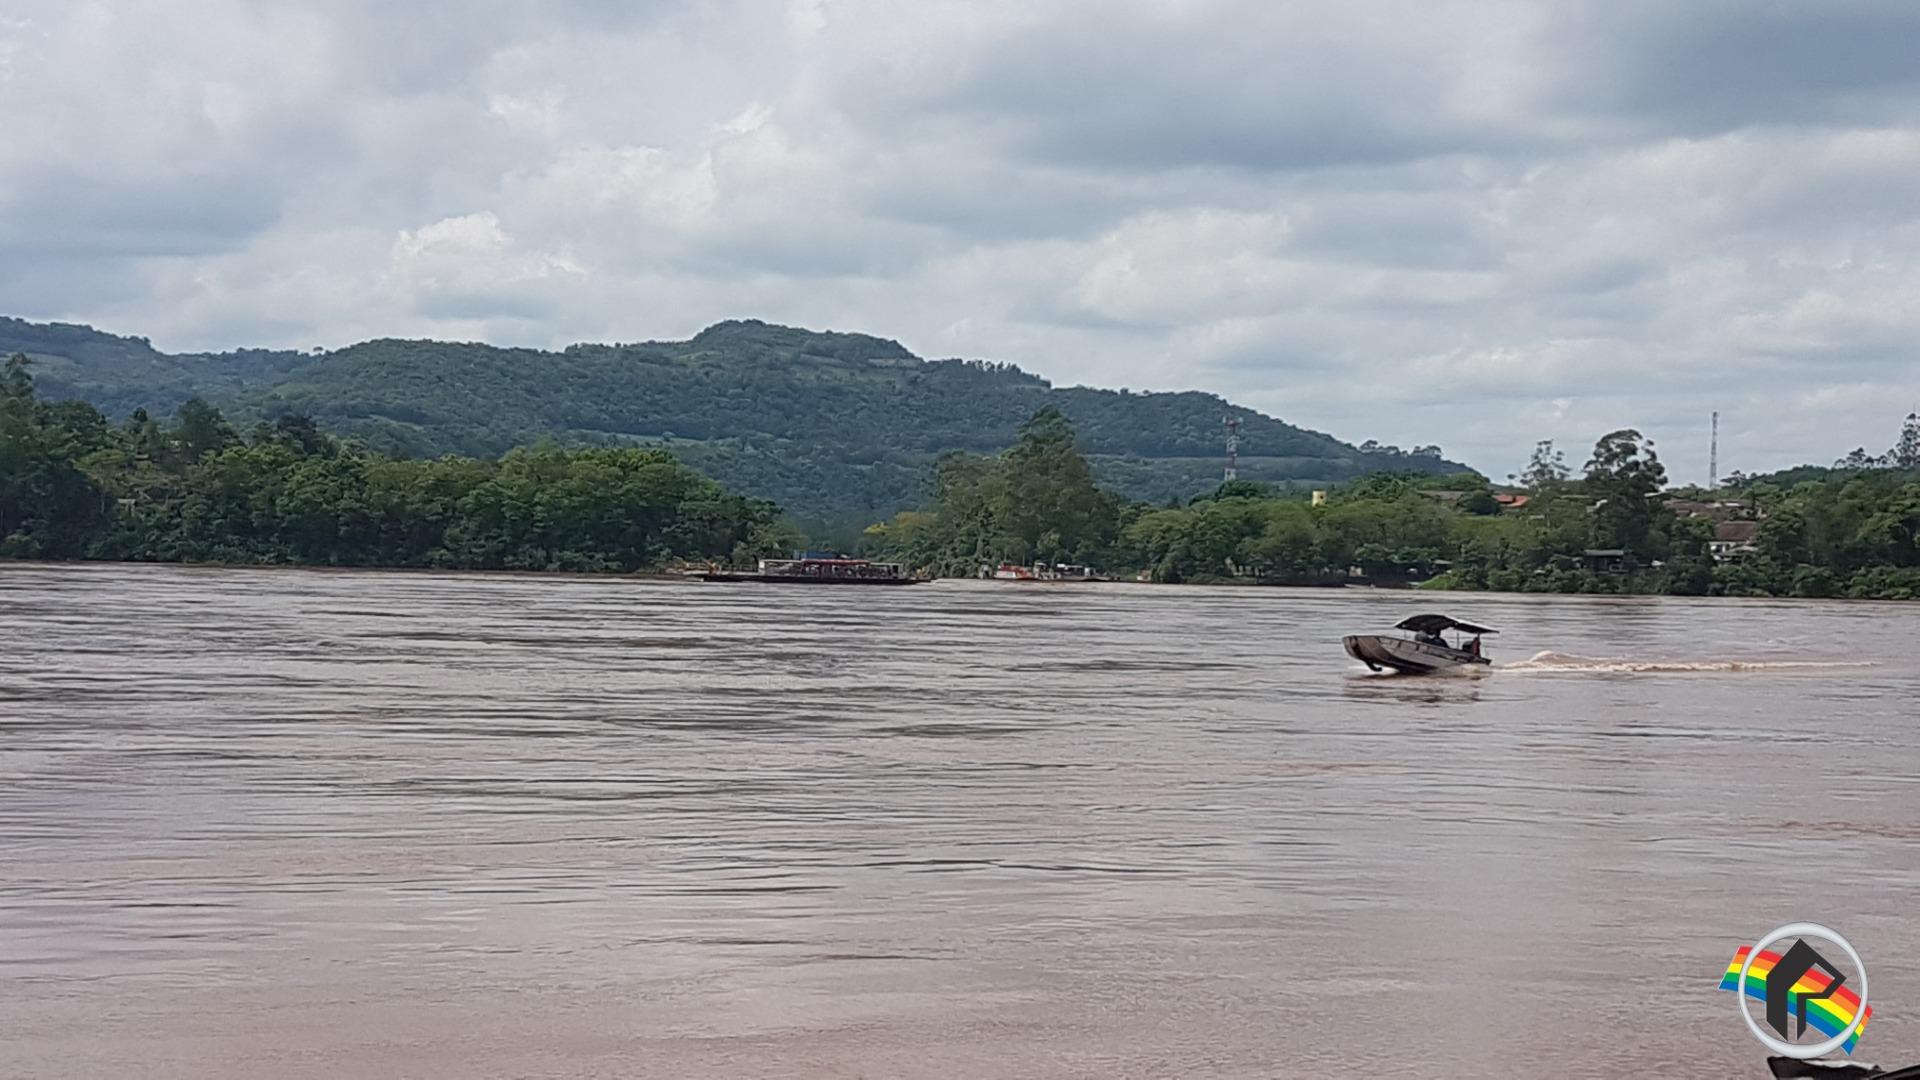 Vídeo - Nível do Rio Uruguai atinge 6,5 metros acima do normal